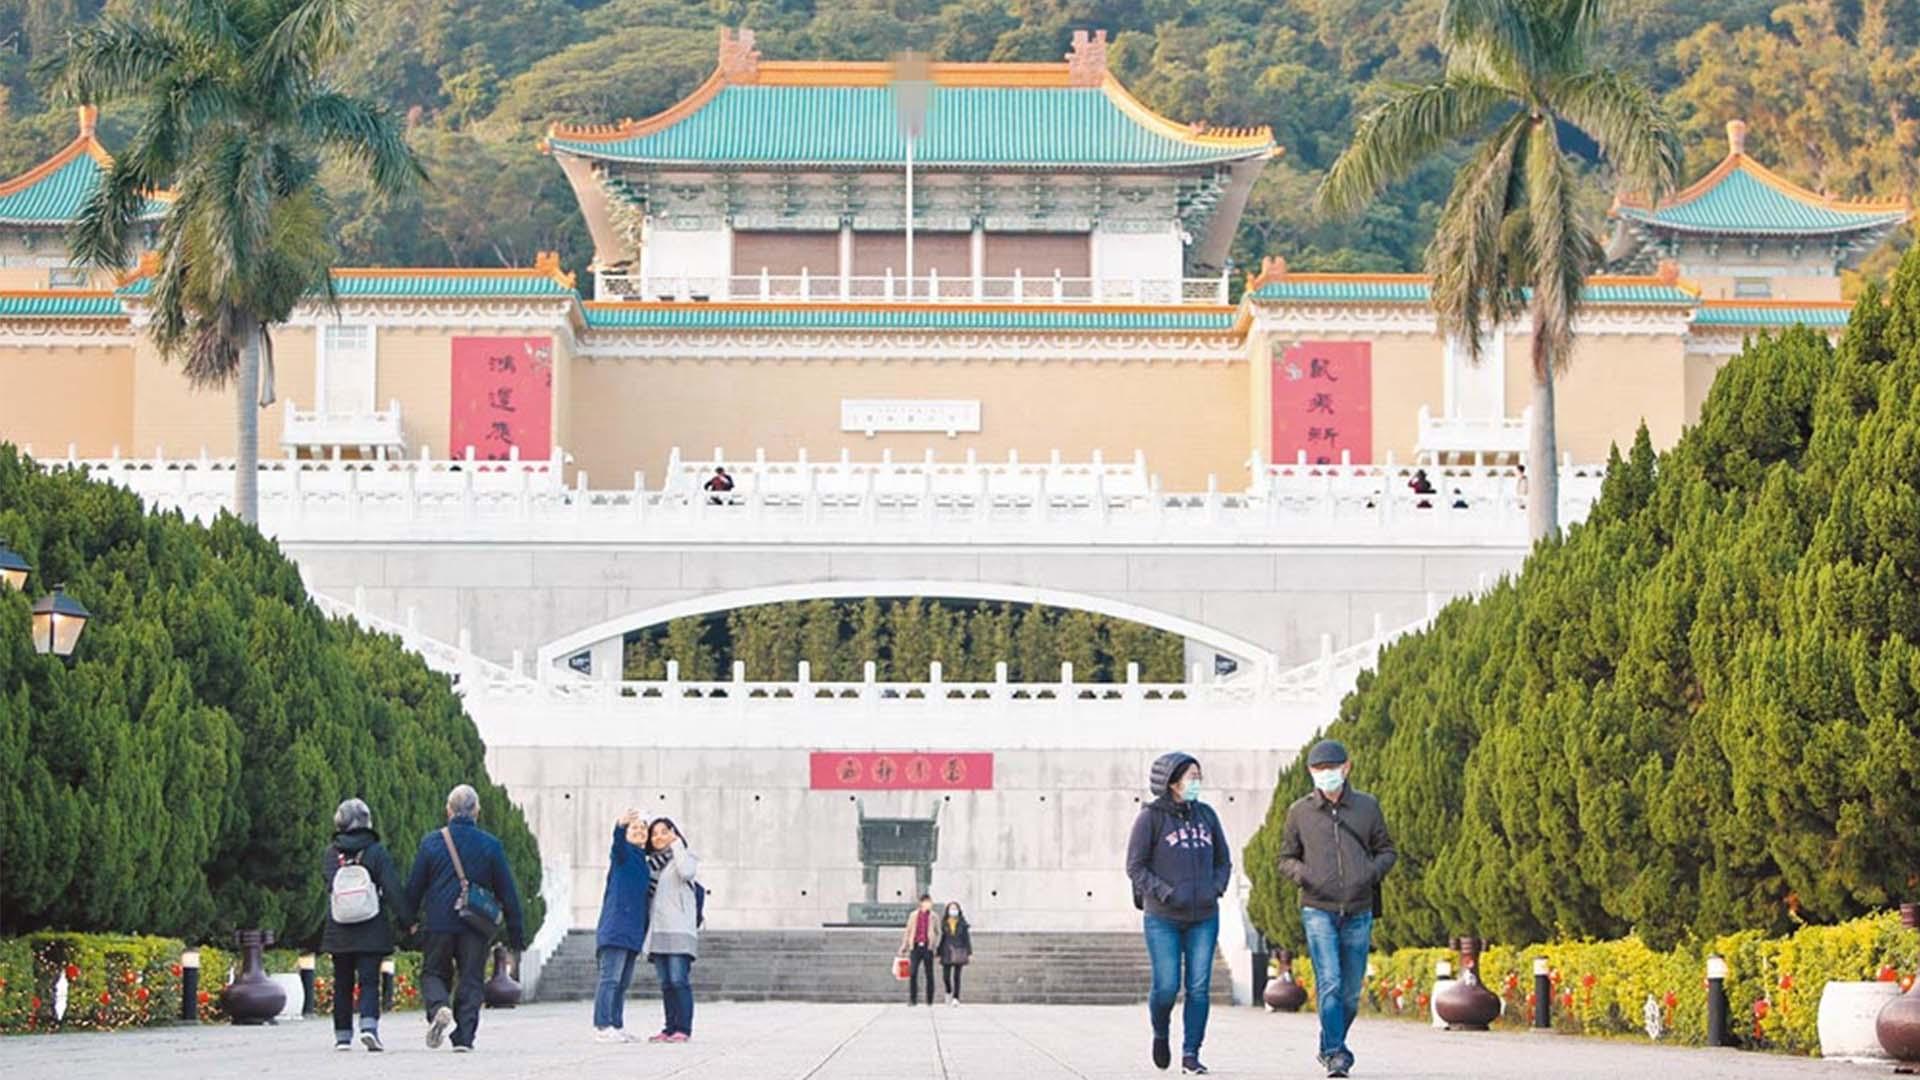 蔡英文称将持续争取美对台支持,国防部回应 台北故宫或被降级改名